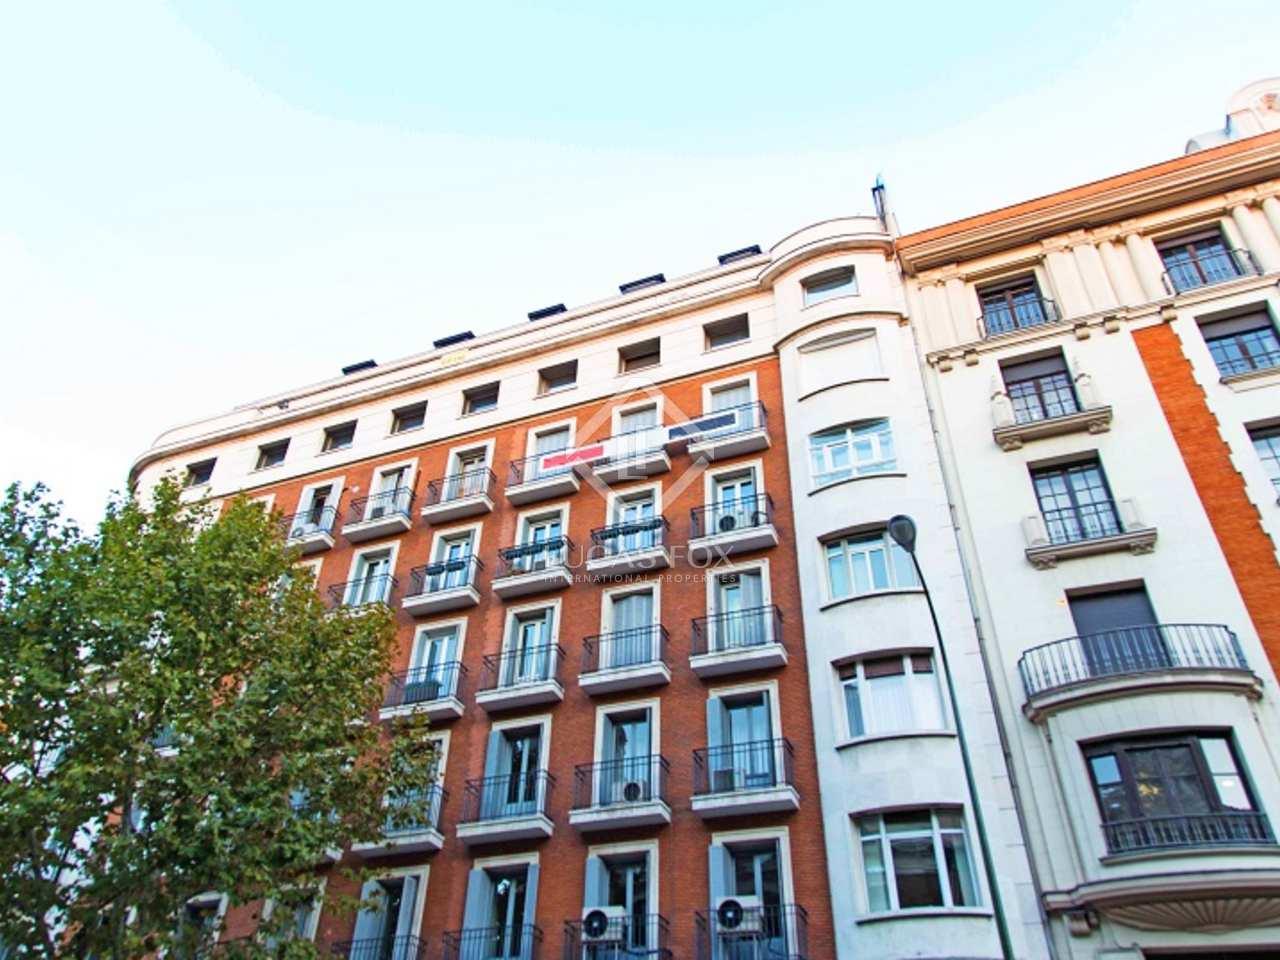 Apartamento en venta en recoletos en el centro de madrid - Compro piso en madrid zona centro ...